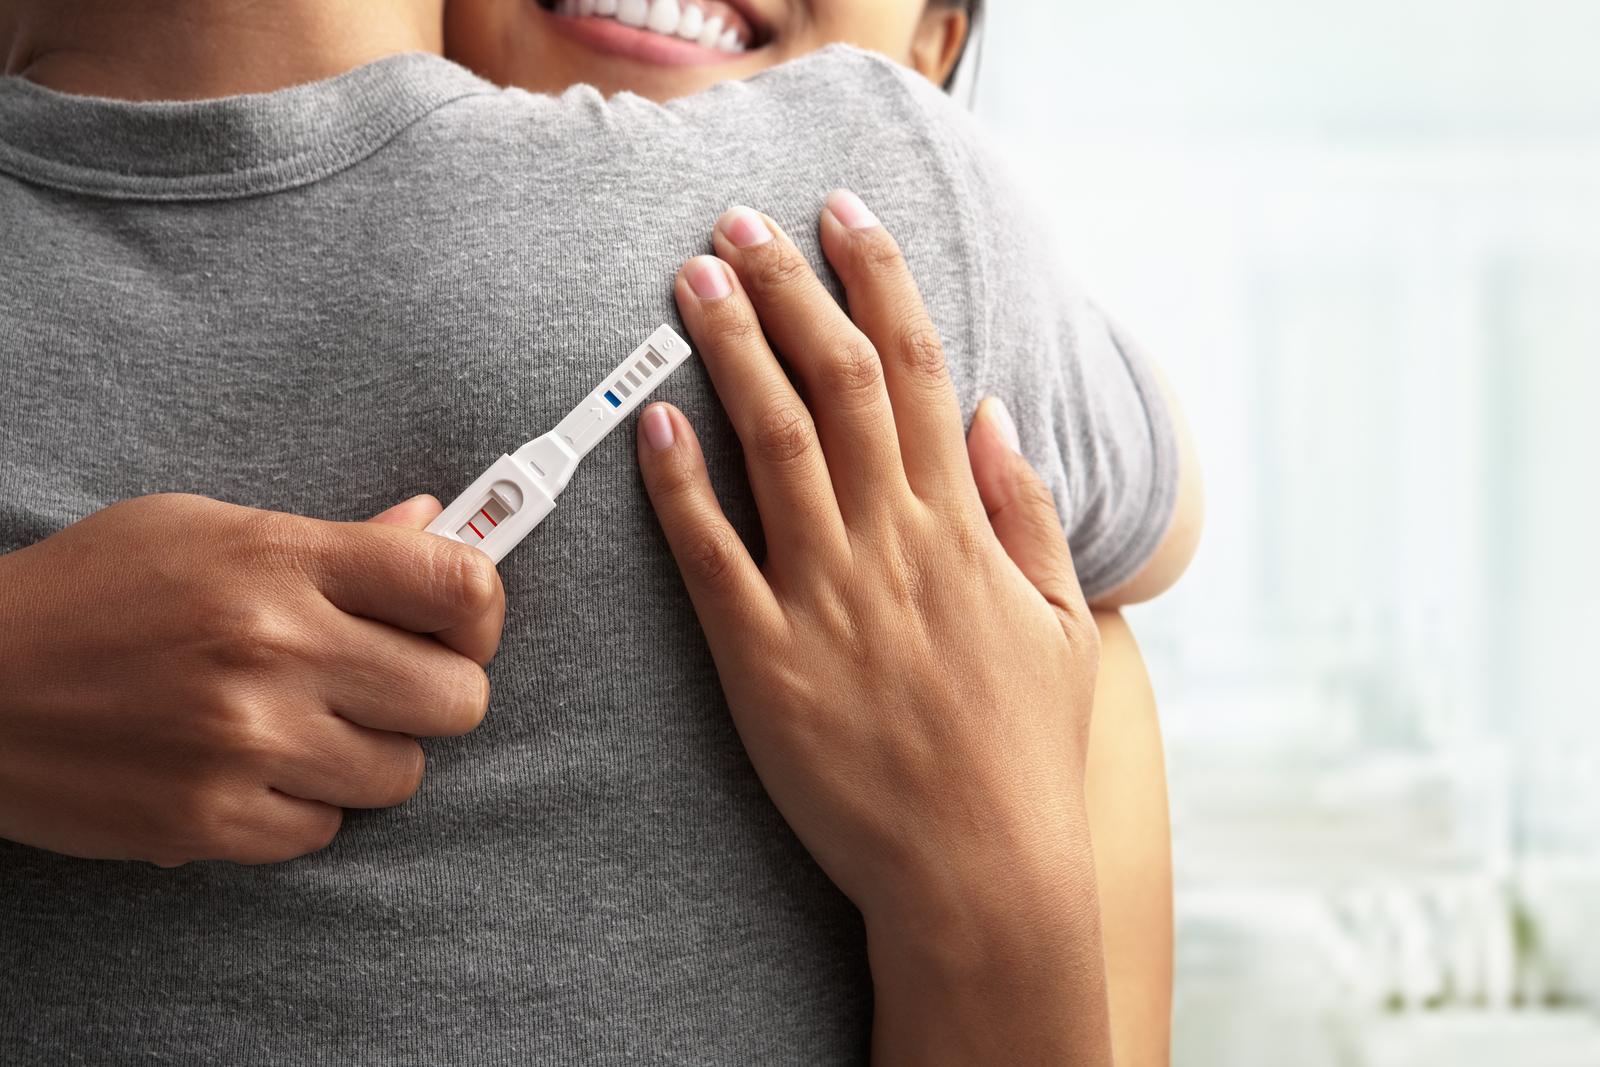 بالصور اشياء تساعد على الحمل , نصائح فعاله سريعه للحمل 2176 2